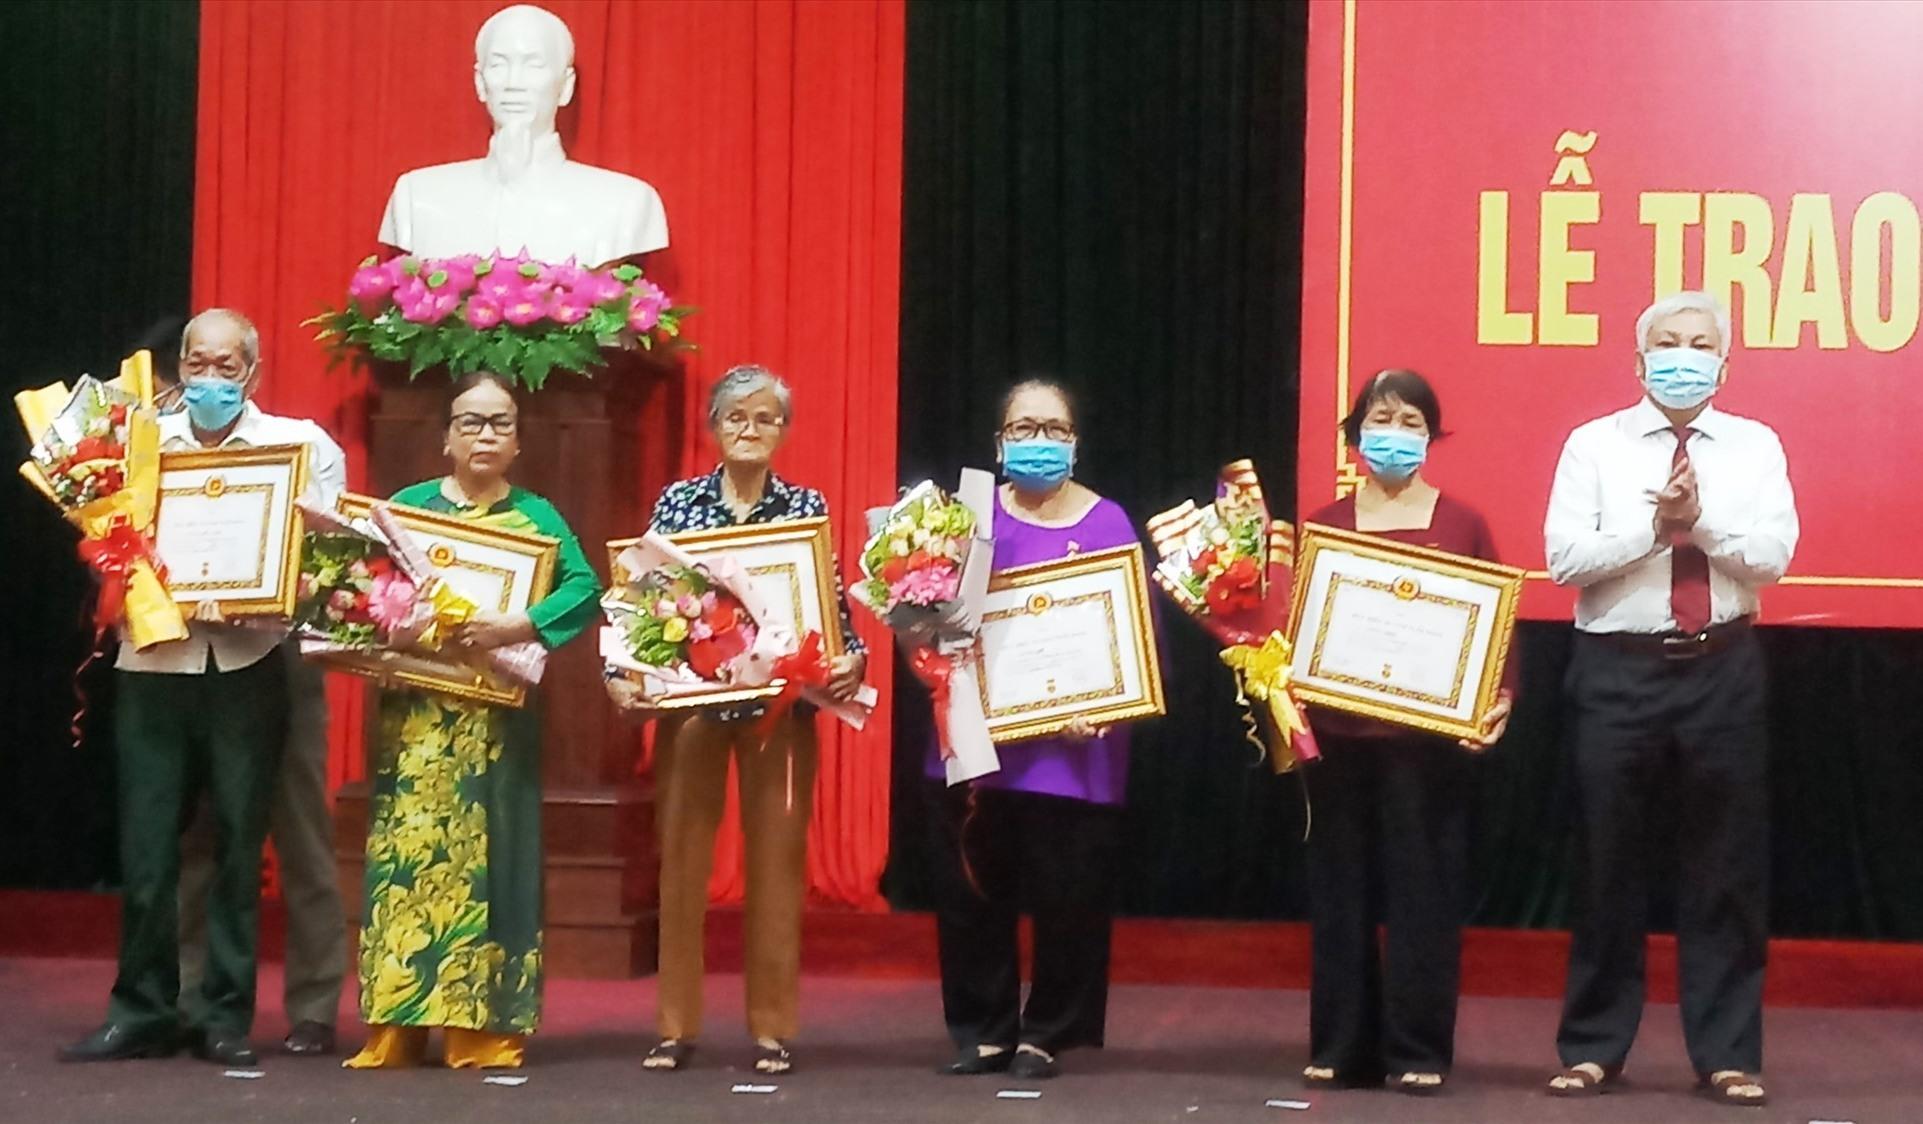 Lãnh đạo huyện Tiên Phước trao Huy hiệu Đảng cho các đảng viên